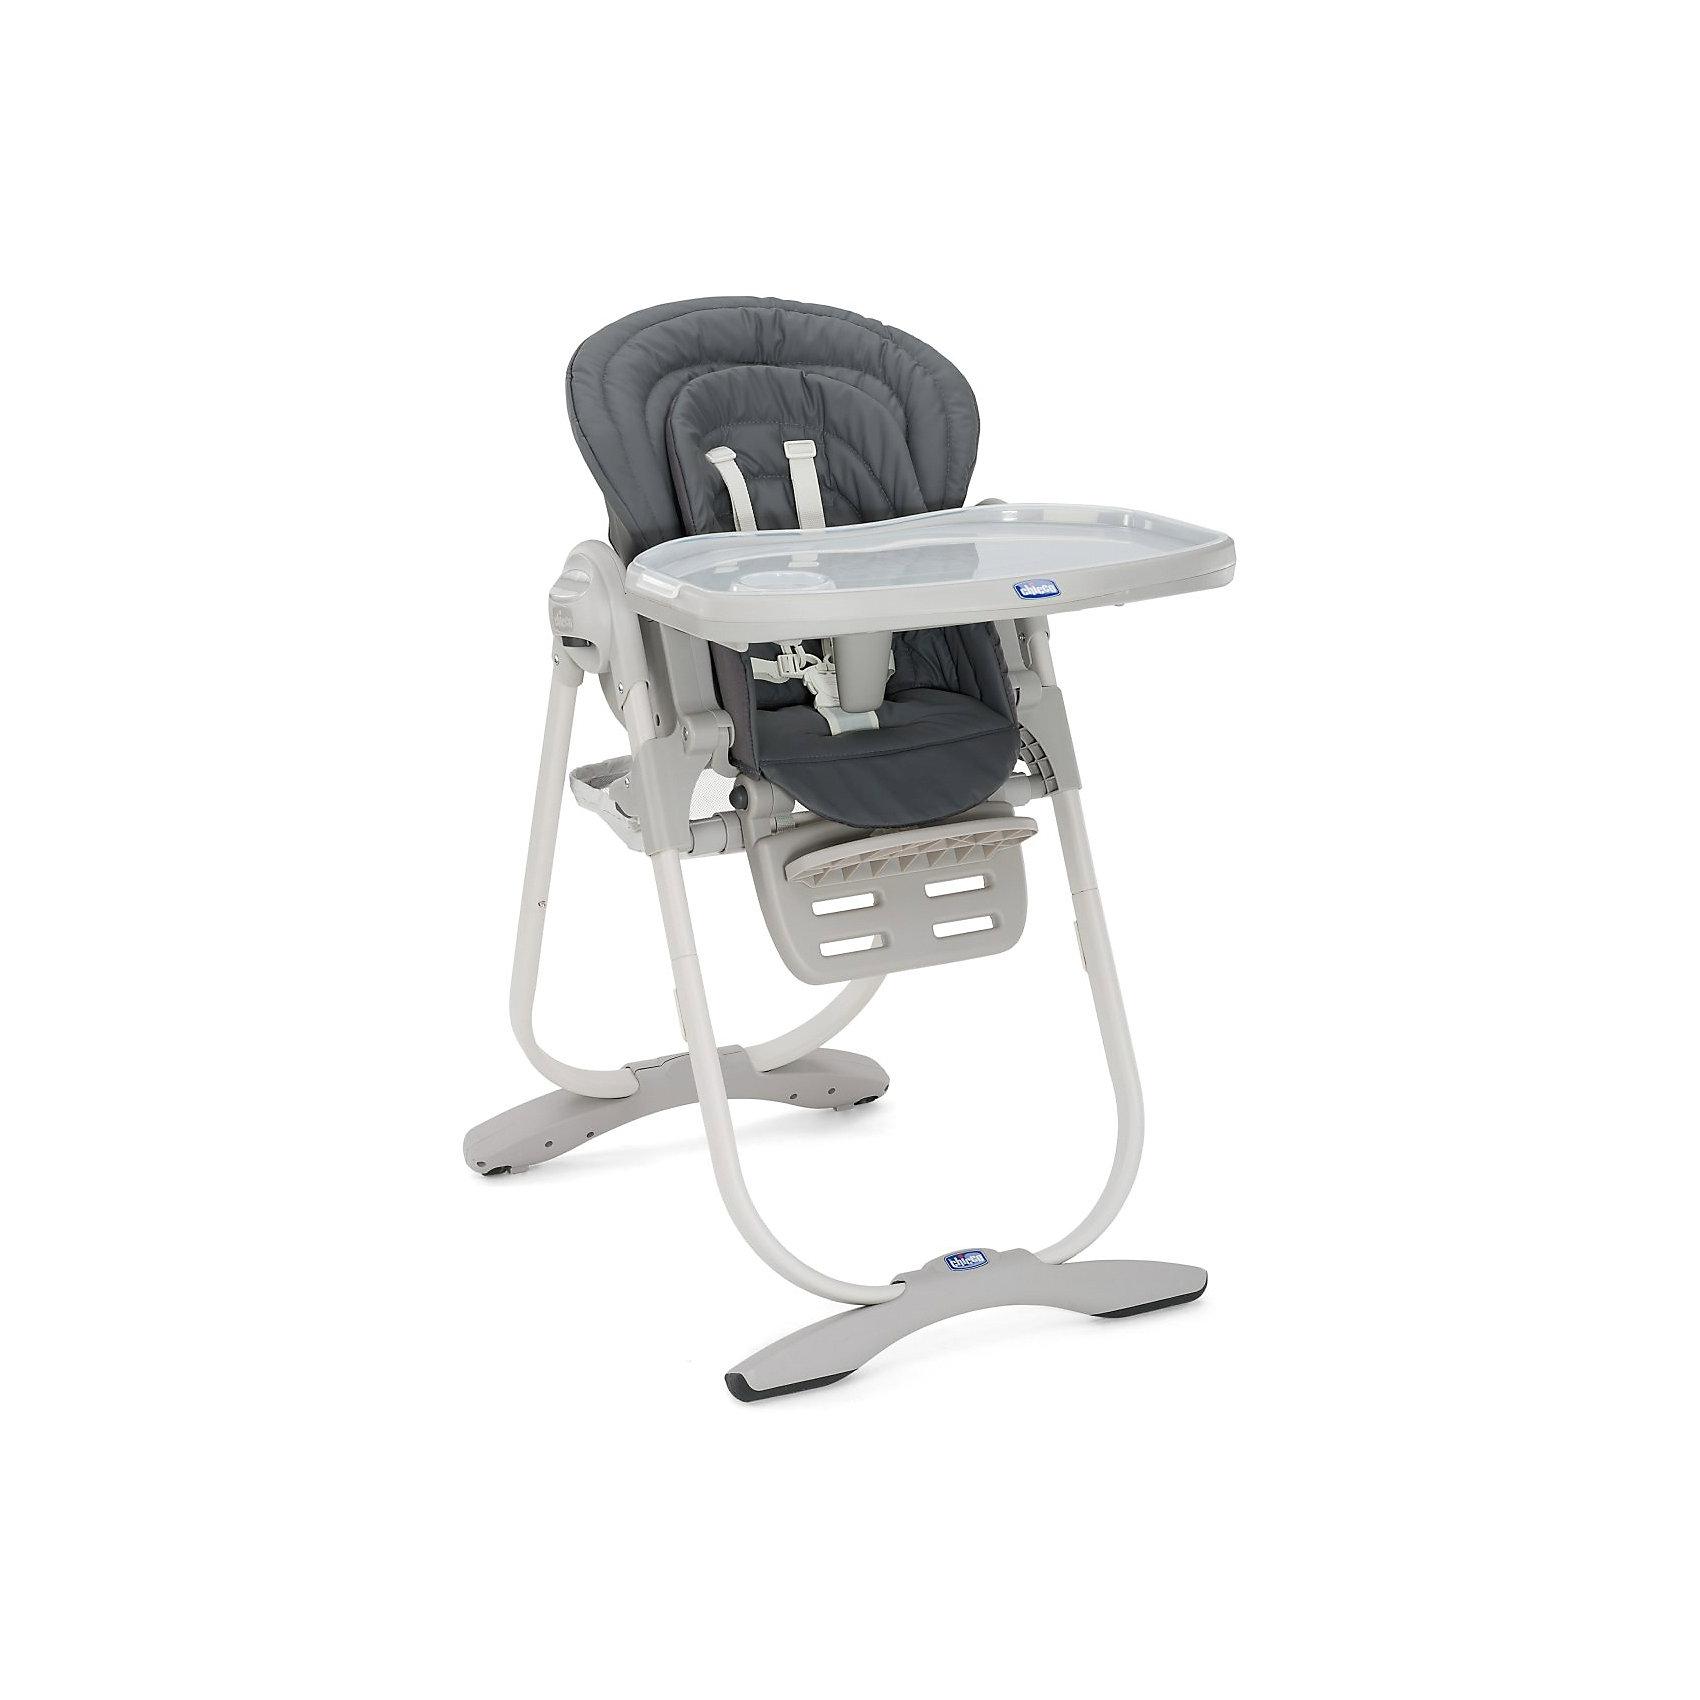 Стульчик для кормления Polly Magic Graphite, ChiccoСтульчики для кормления<br>Стульчик для кормления от Chicco - прекрасный вариант для малышей. Удобный стульчик оснащен мягким вкладышем, ремнями безопасности, пластиковым столиком с разделителем для ножек и регулируемой подножкой. Модель имеет устойчивую и надежную конструкцию, ножки с антискользящими накладками. После того, как малыш подрос и научился есть самостоятельно, пластиковый столик можно снять, верхний вкладыш отсоединить и стул станет первым стулом вашего ребенка, позволяющим ему сидеть за общим столом с мамой и папой. Polly Magic имеет индивидуальный набор игрушек для каждого цвета, чтобы развлекать и развивать ребенка, а также укомплектован большой и широкой корзиной. <br><br>Дополнительная информация:<br><br>- Материал: металл, пластик, текстиль.<br>- Размер: 104.5 x 63.5 x 85 см<br>- Размер в сложенном виде: 27 x 100 см.<br>- Вес: 12,5 кг. <br>- Регулируемая спинка ( 3 положения).<br>- Регулируемая по высоте подножка (3 положения).<br>- Высота регулируется в 6 положениях.<br>- Ремни безопасности.<br>- Мягкий вкладыш.<br>- Пластиковый стол с разделителем для ножек. <br>- Комплект игрушек. <br><br>Стульчик для кормления Polly Magic Graphite, Chicco (Чикко), можно купить в нашем магазине.<br><br>Ширина мм: 560<br>Глубина мм: 320<br>Высота мм: 630<br>Вес г: 12535<br>Возраст от месяцев: 0<br>Возраст до месяцев: 24<br>Пол: Унисекс<br>Возраст: Детский<br>SKU: 4637729